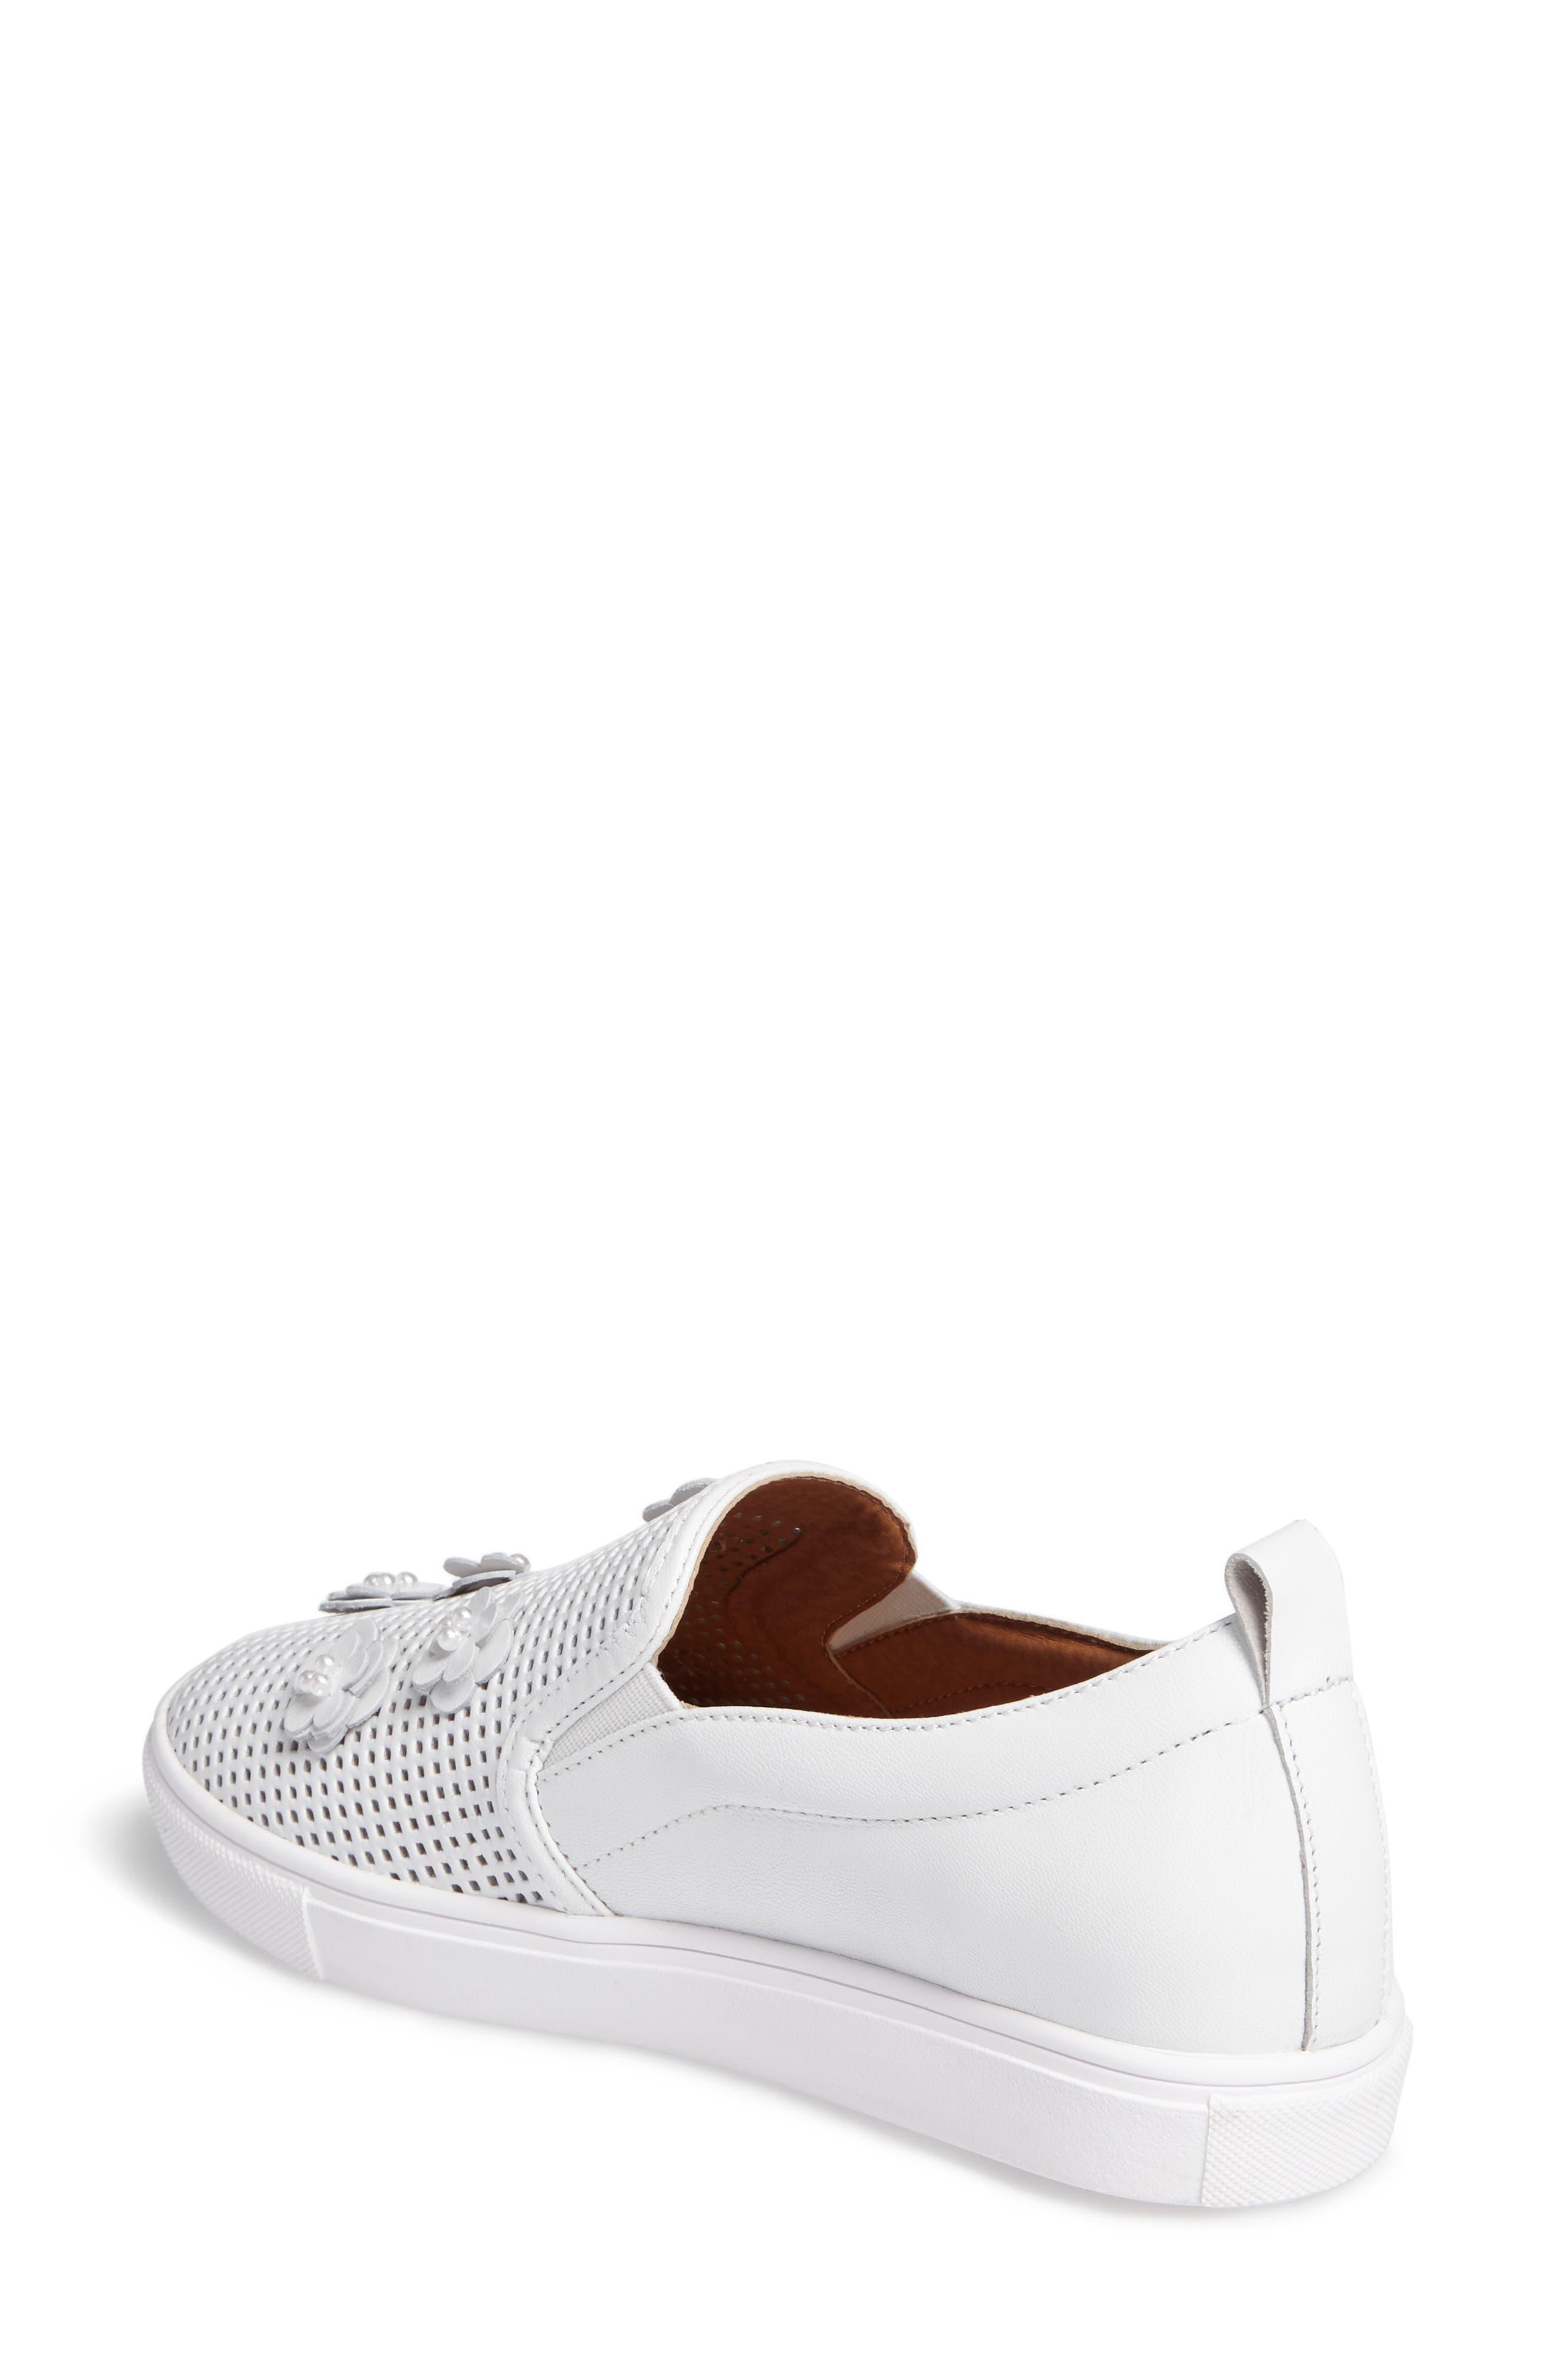 Eden Perforated Slip-On Sneaker,                             Alternate thumbnail 2, color,                             100